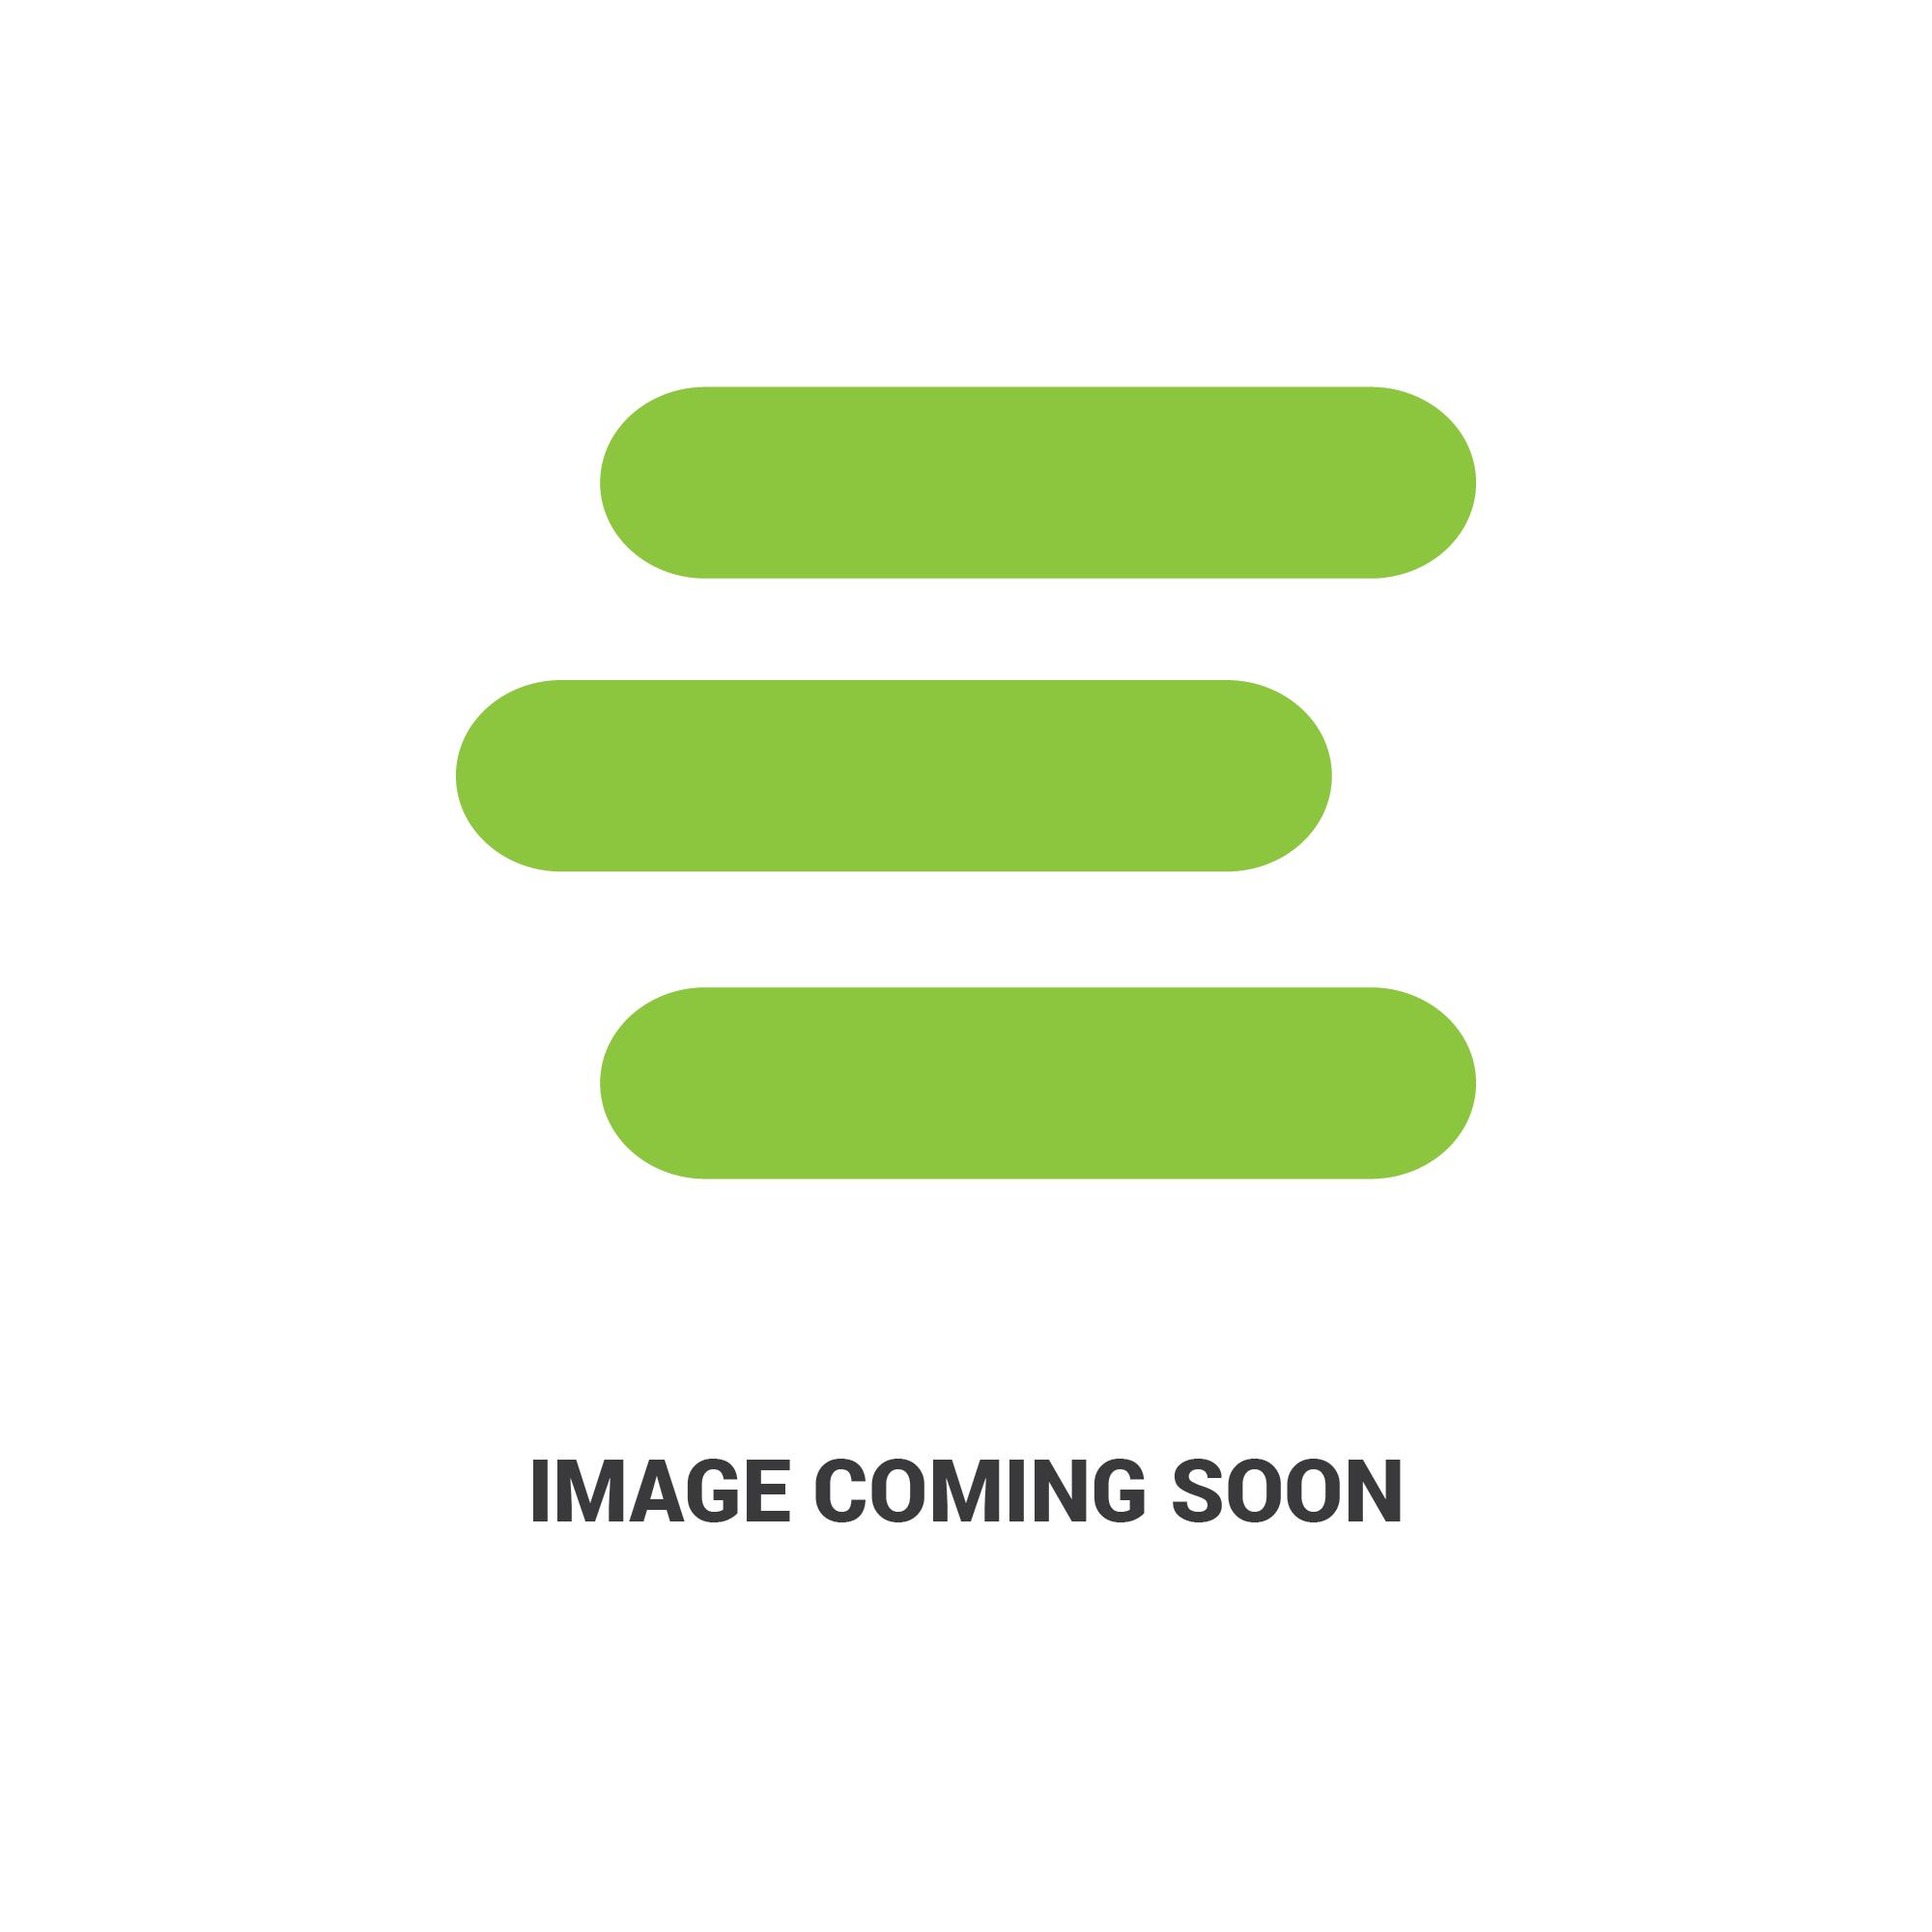 E-T0270-710622368_1.jpg